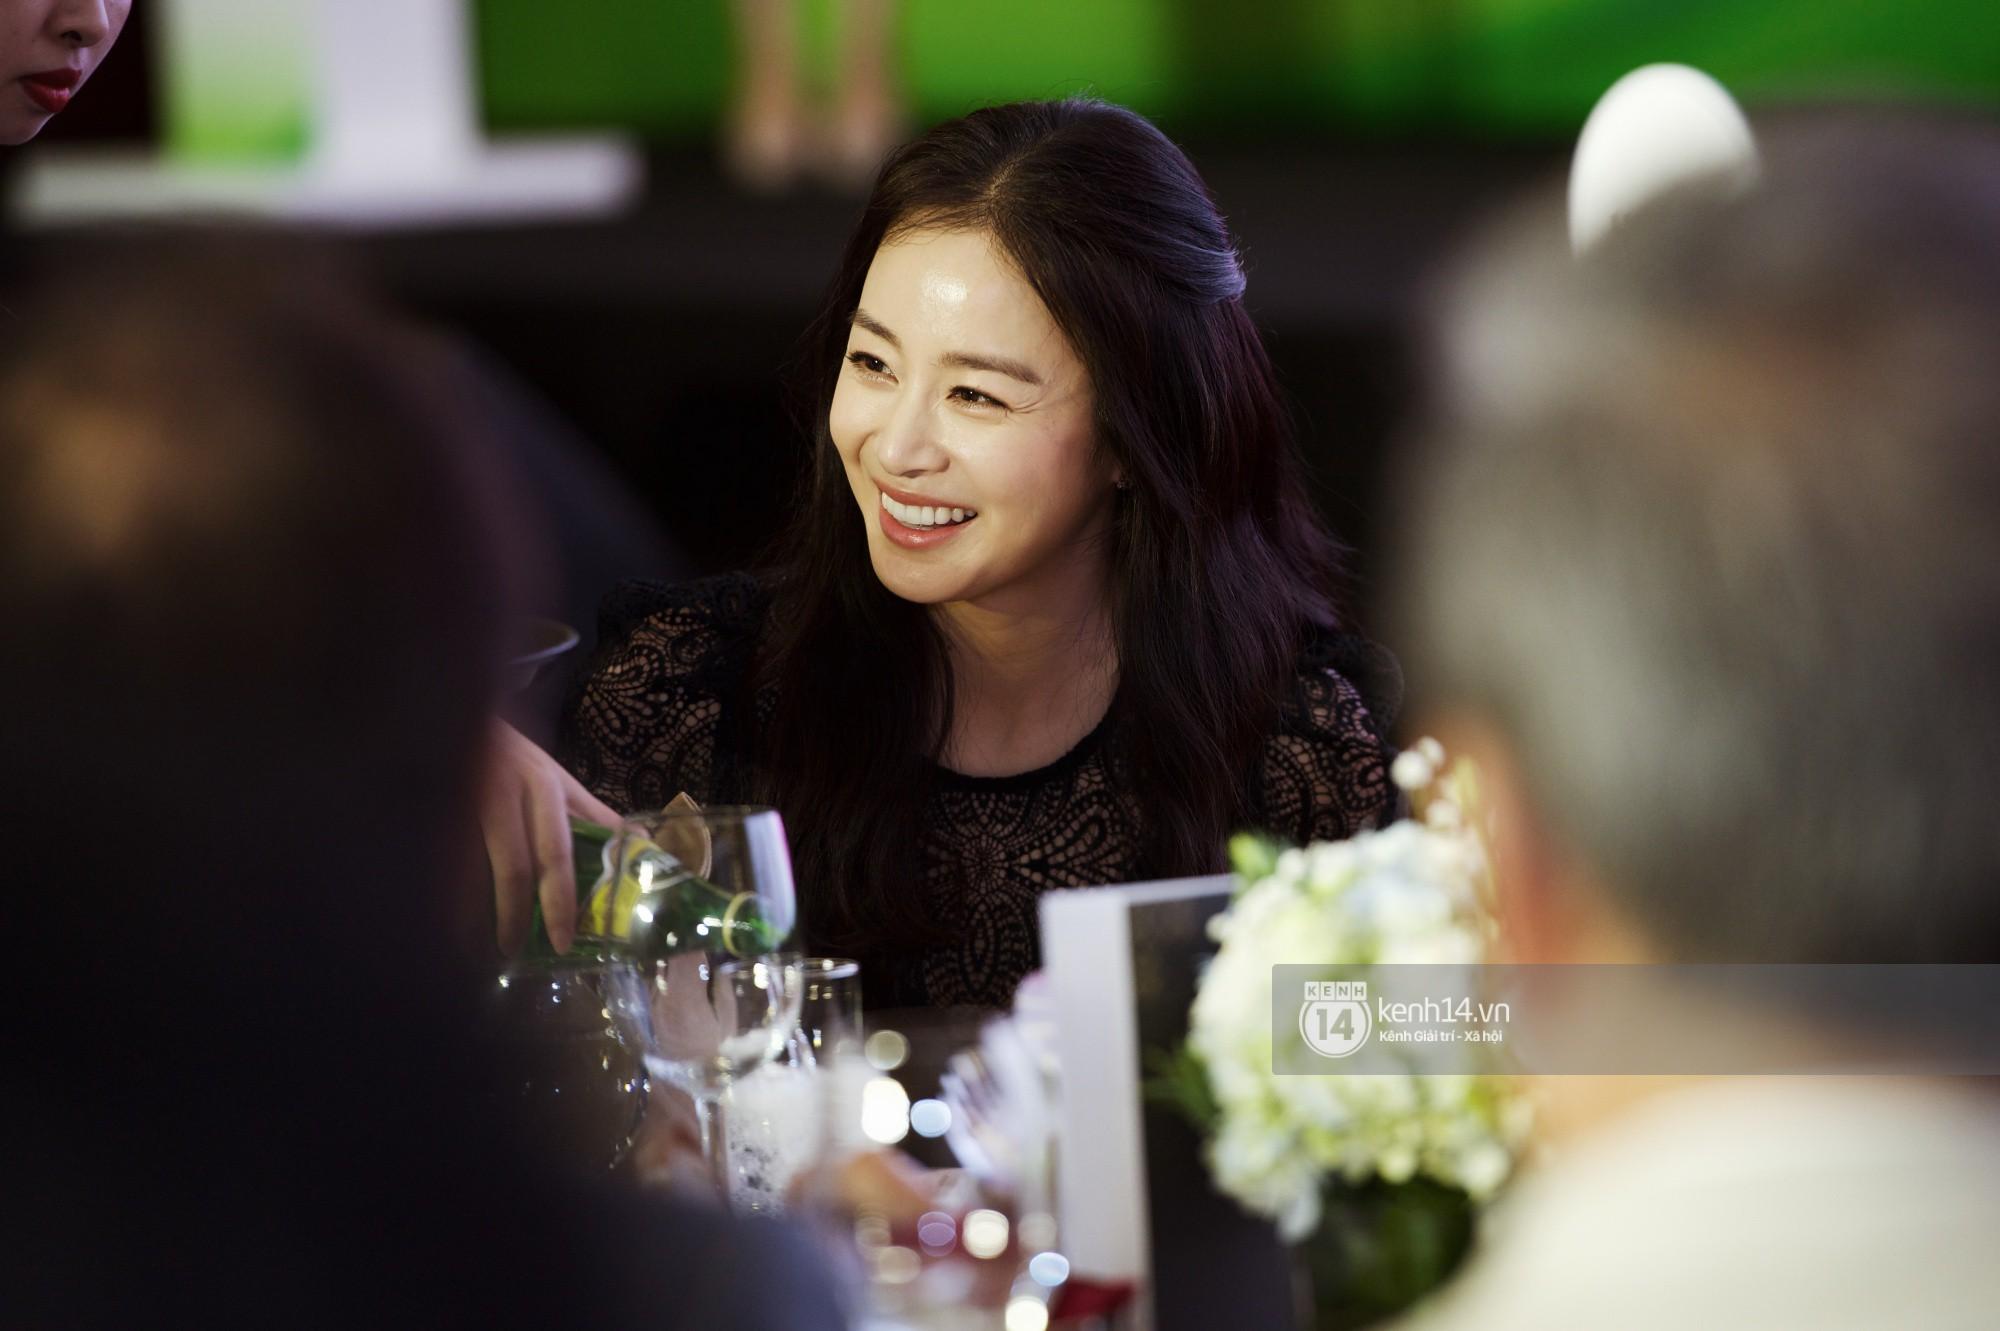 Bộ ảnh đẹp nhất của Kim Tae Hee tại đêm tiệc Hàn ở Hà Nội: Khoảnh khắc minh tinh châu Á hút hồn toàn bộ khán phòng-11